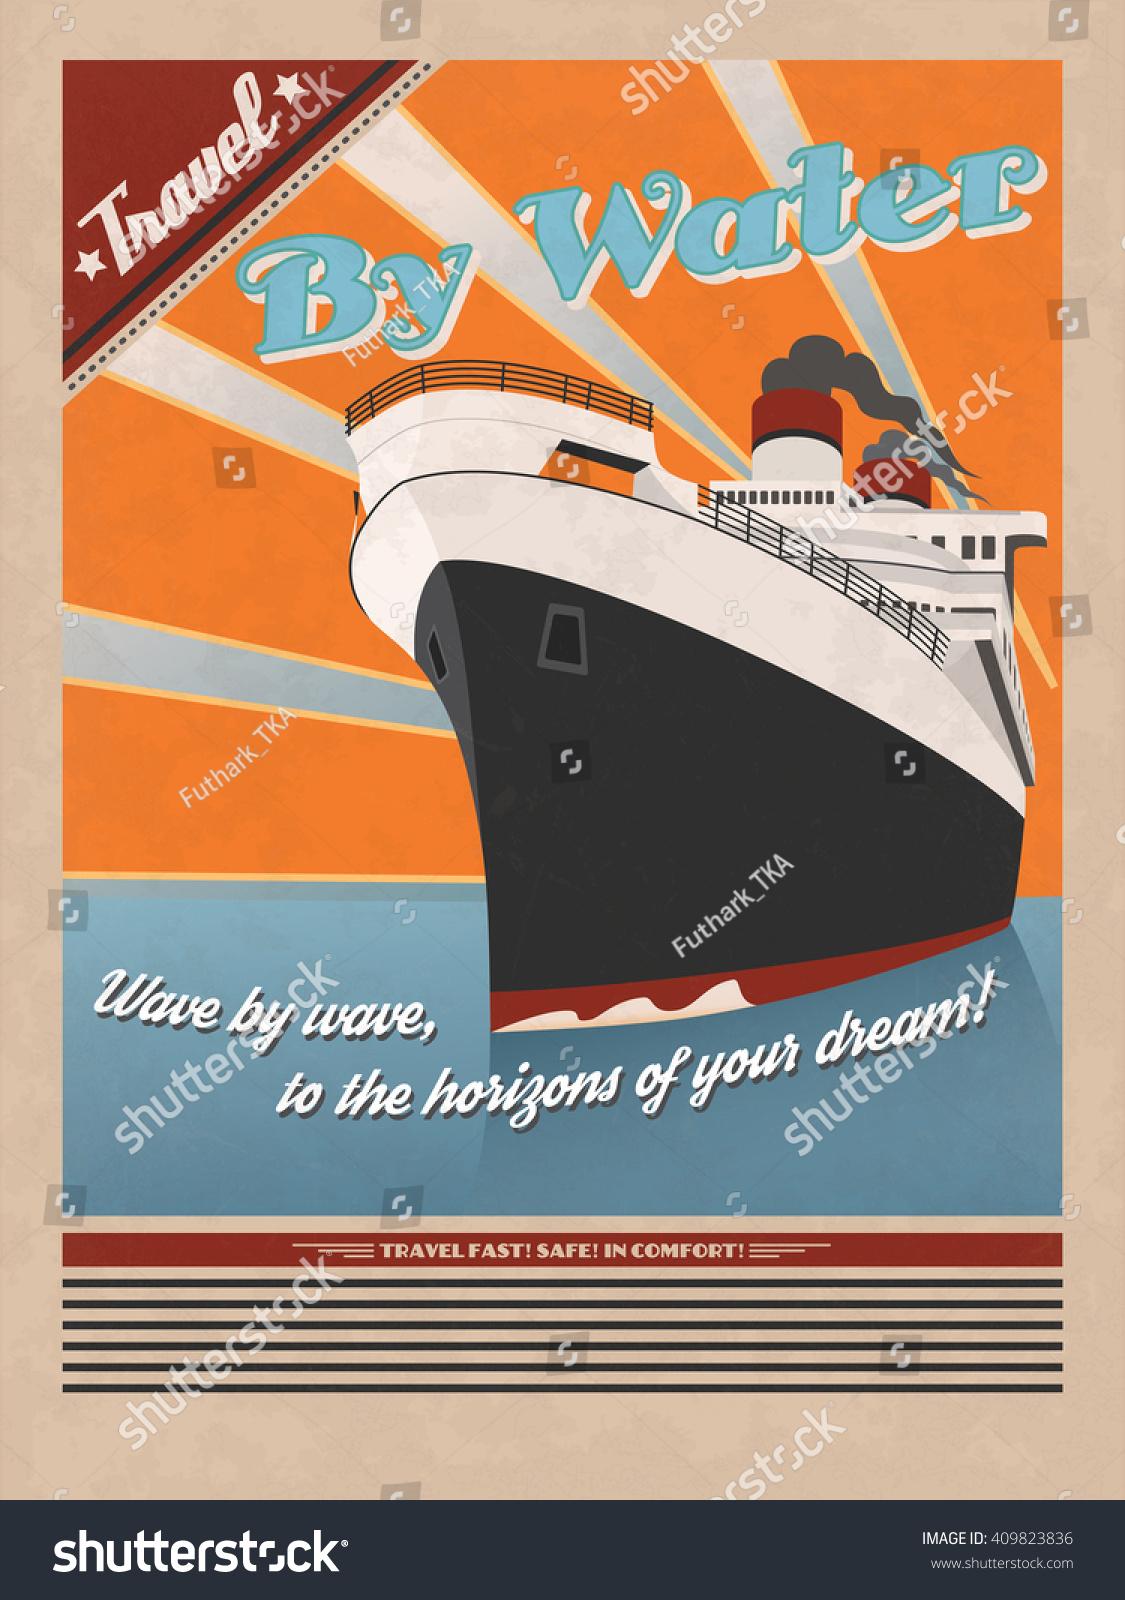 Vector De Stock Libre De Regalias Sobre Afiche De Viajes Por Mar